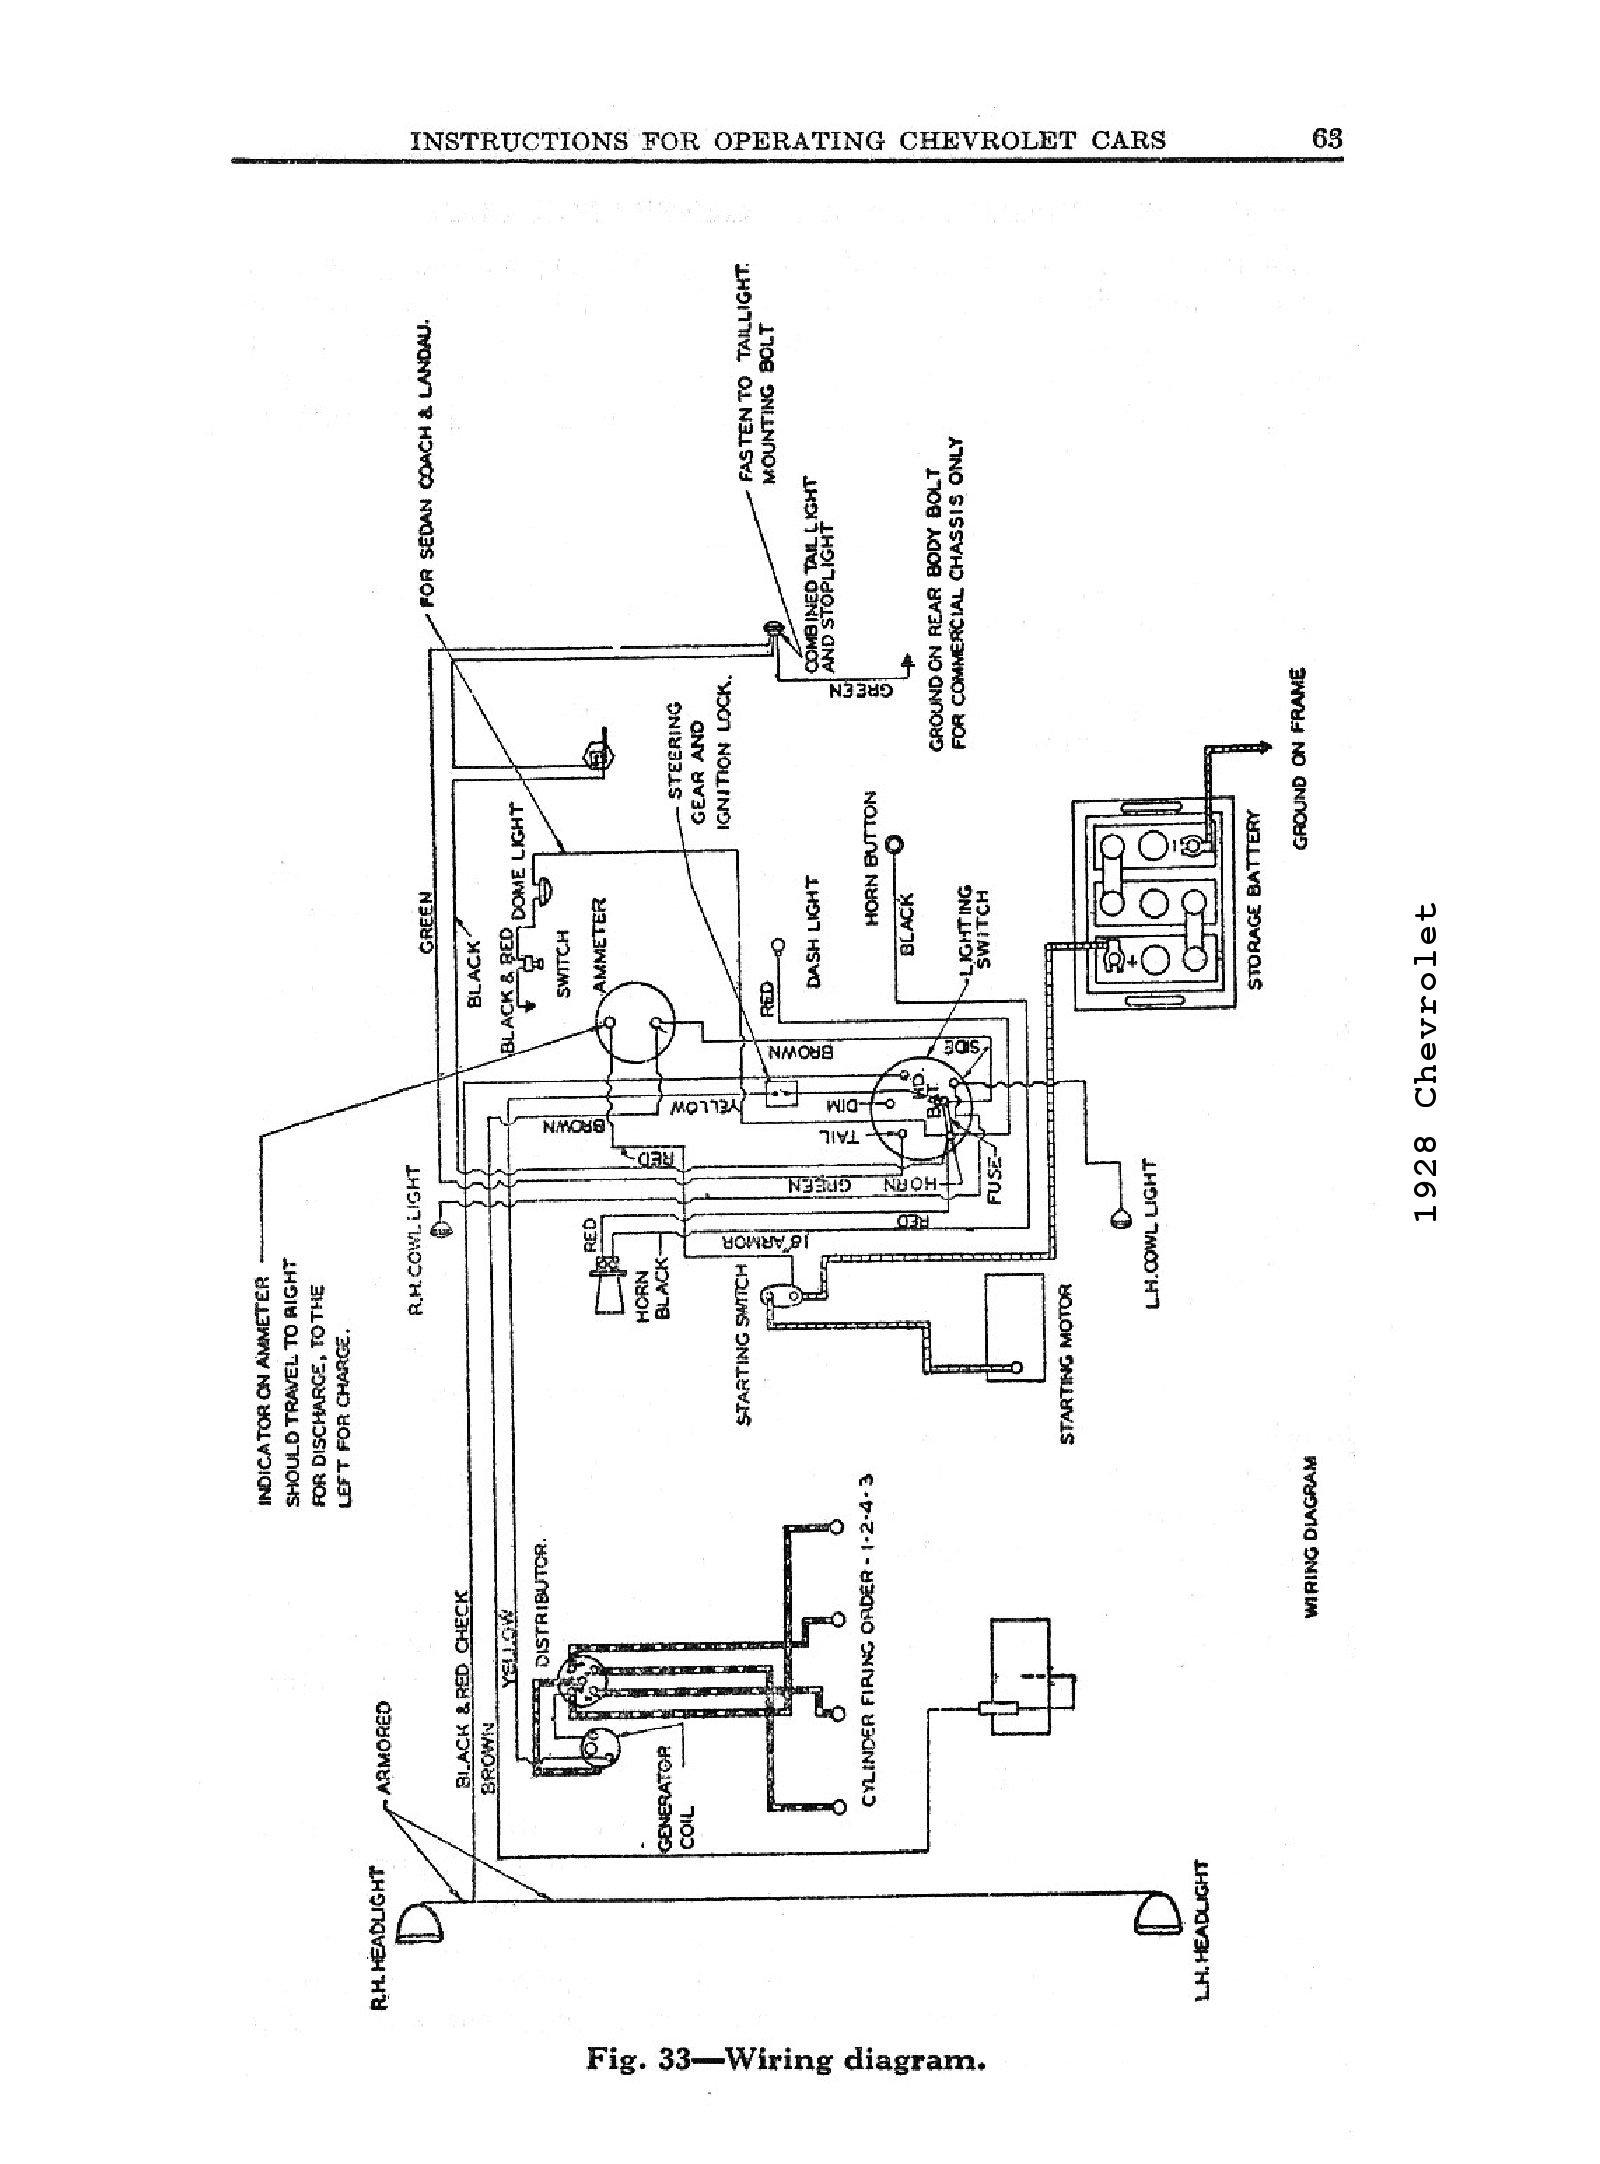 Afi Wiper Motor Wiring Diagram | Manual E-Books - Wiper Motor Wiring Diagram Chevrolet